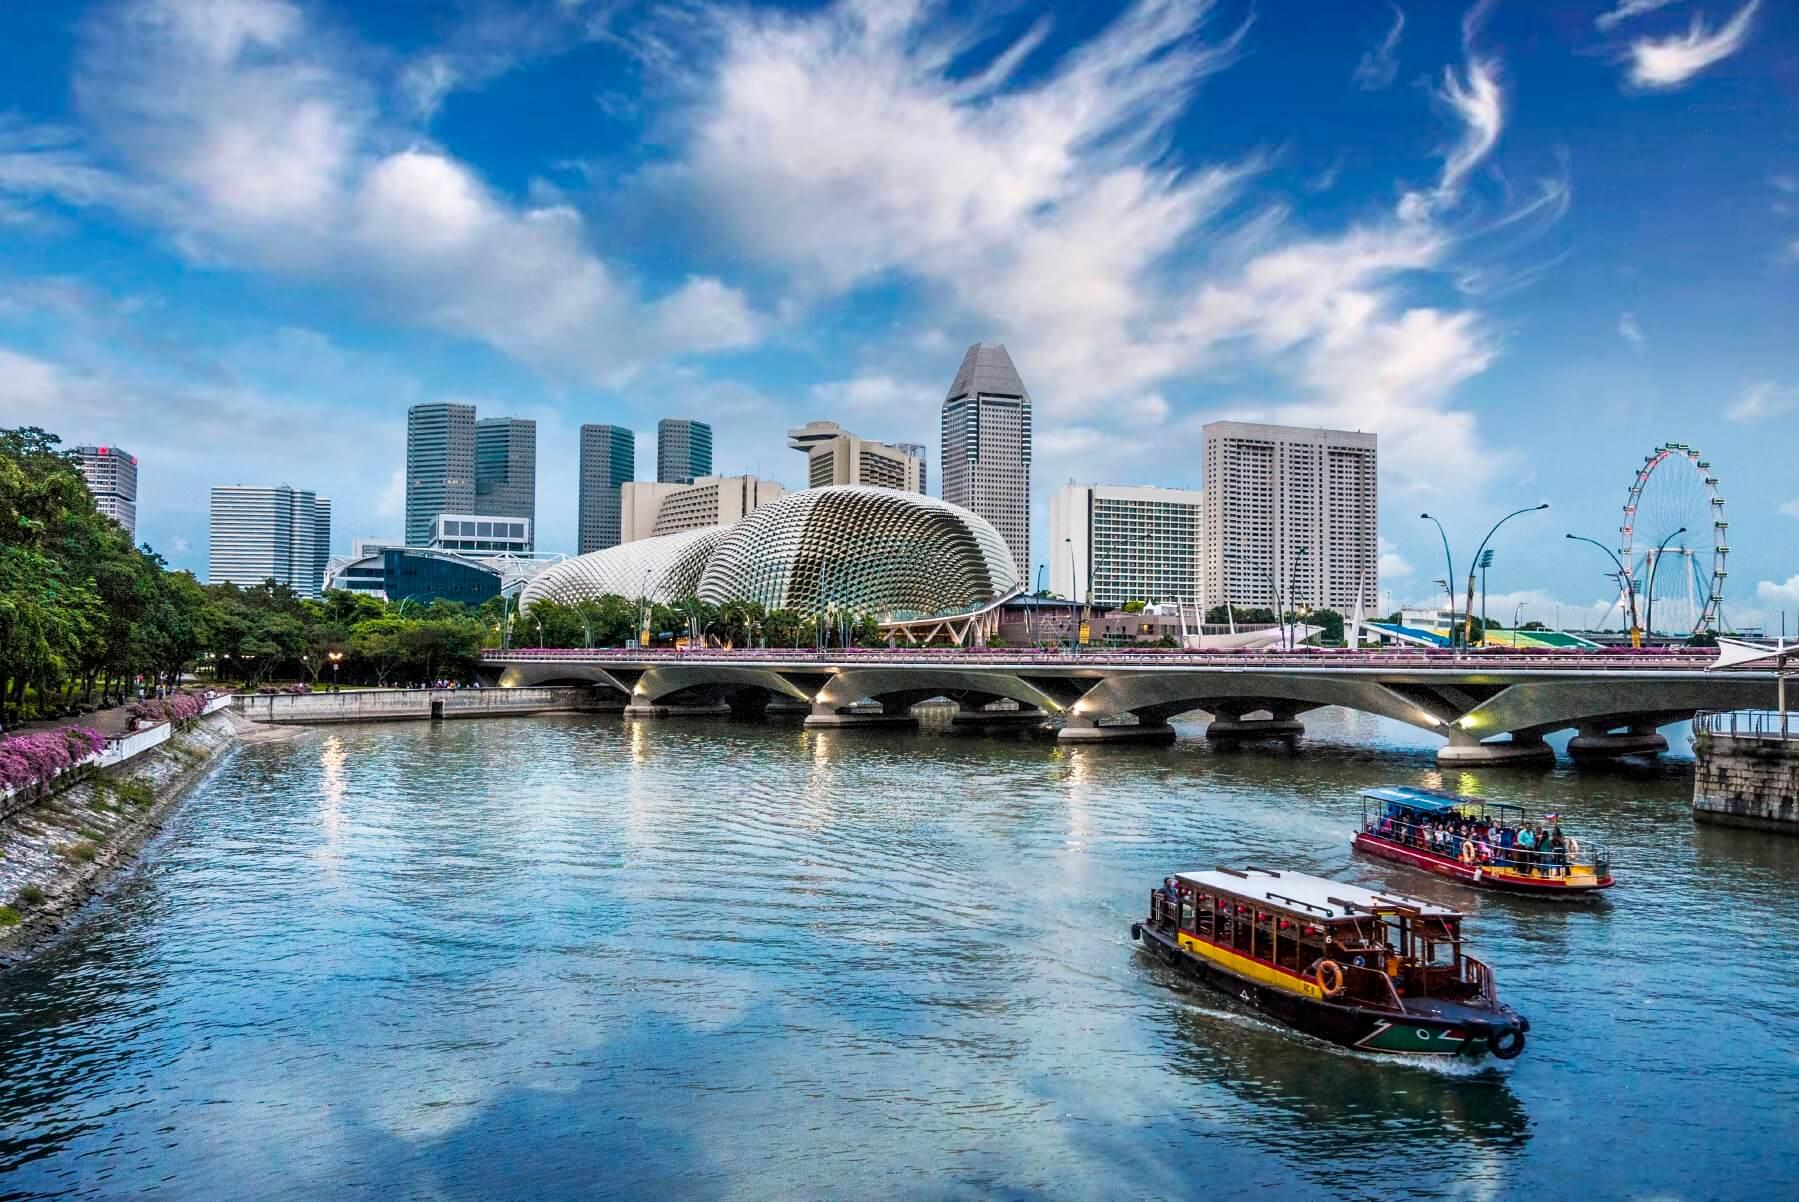 Besten Expat-Städte Singapur